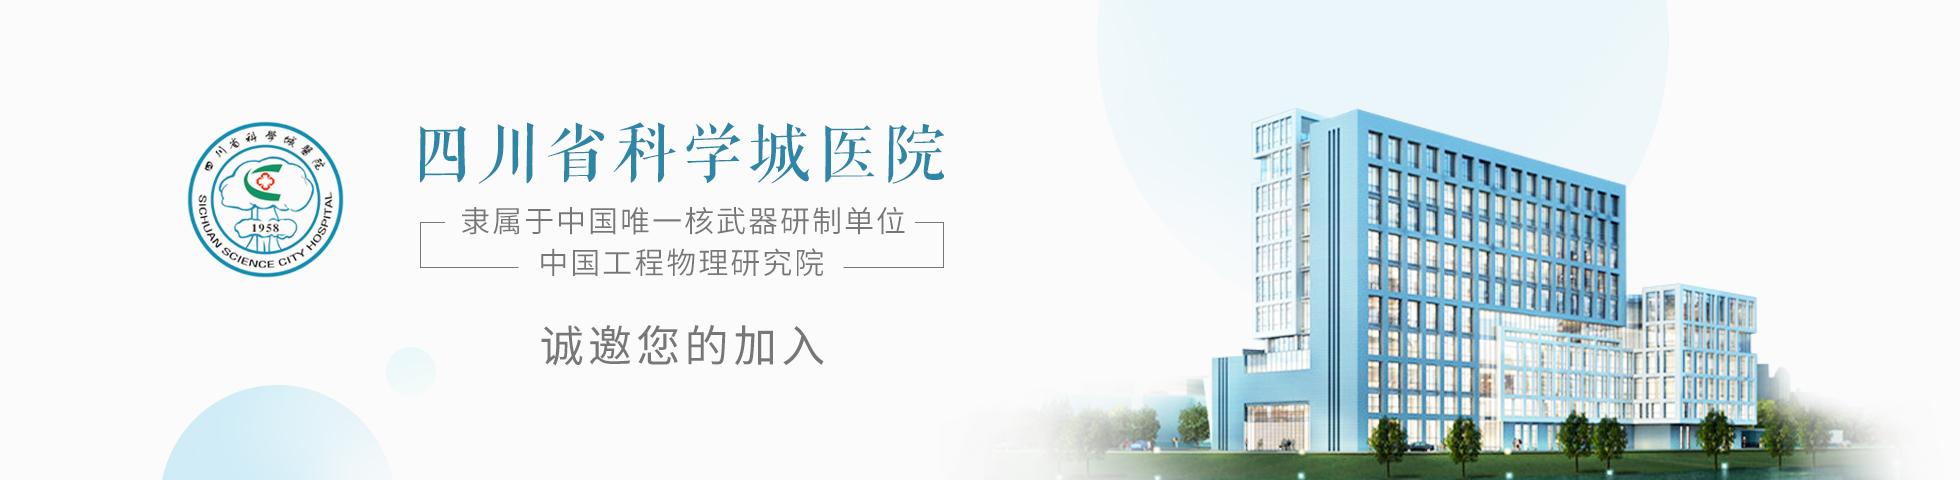 四川省科学城医院招聘专题